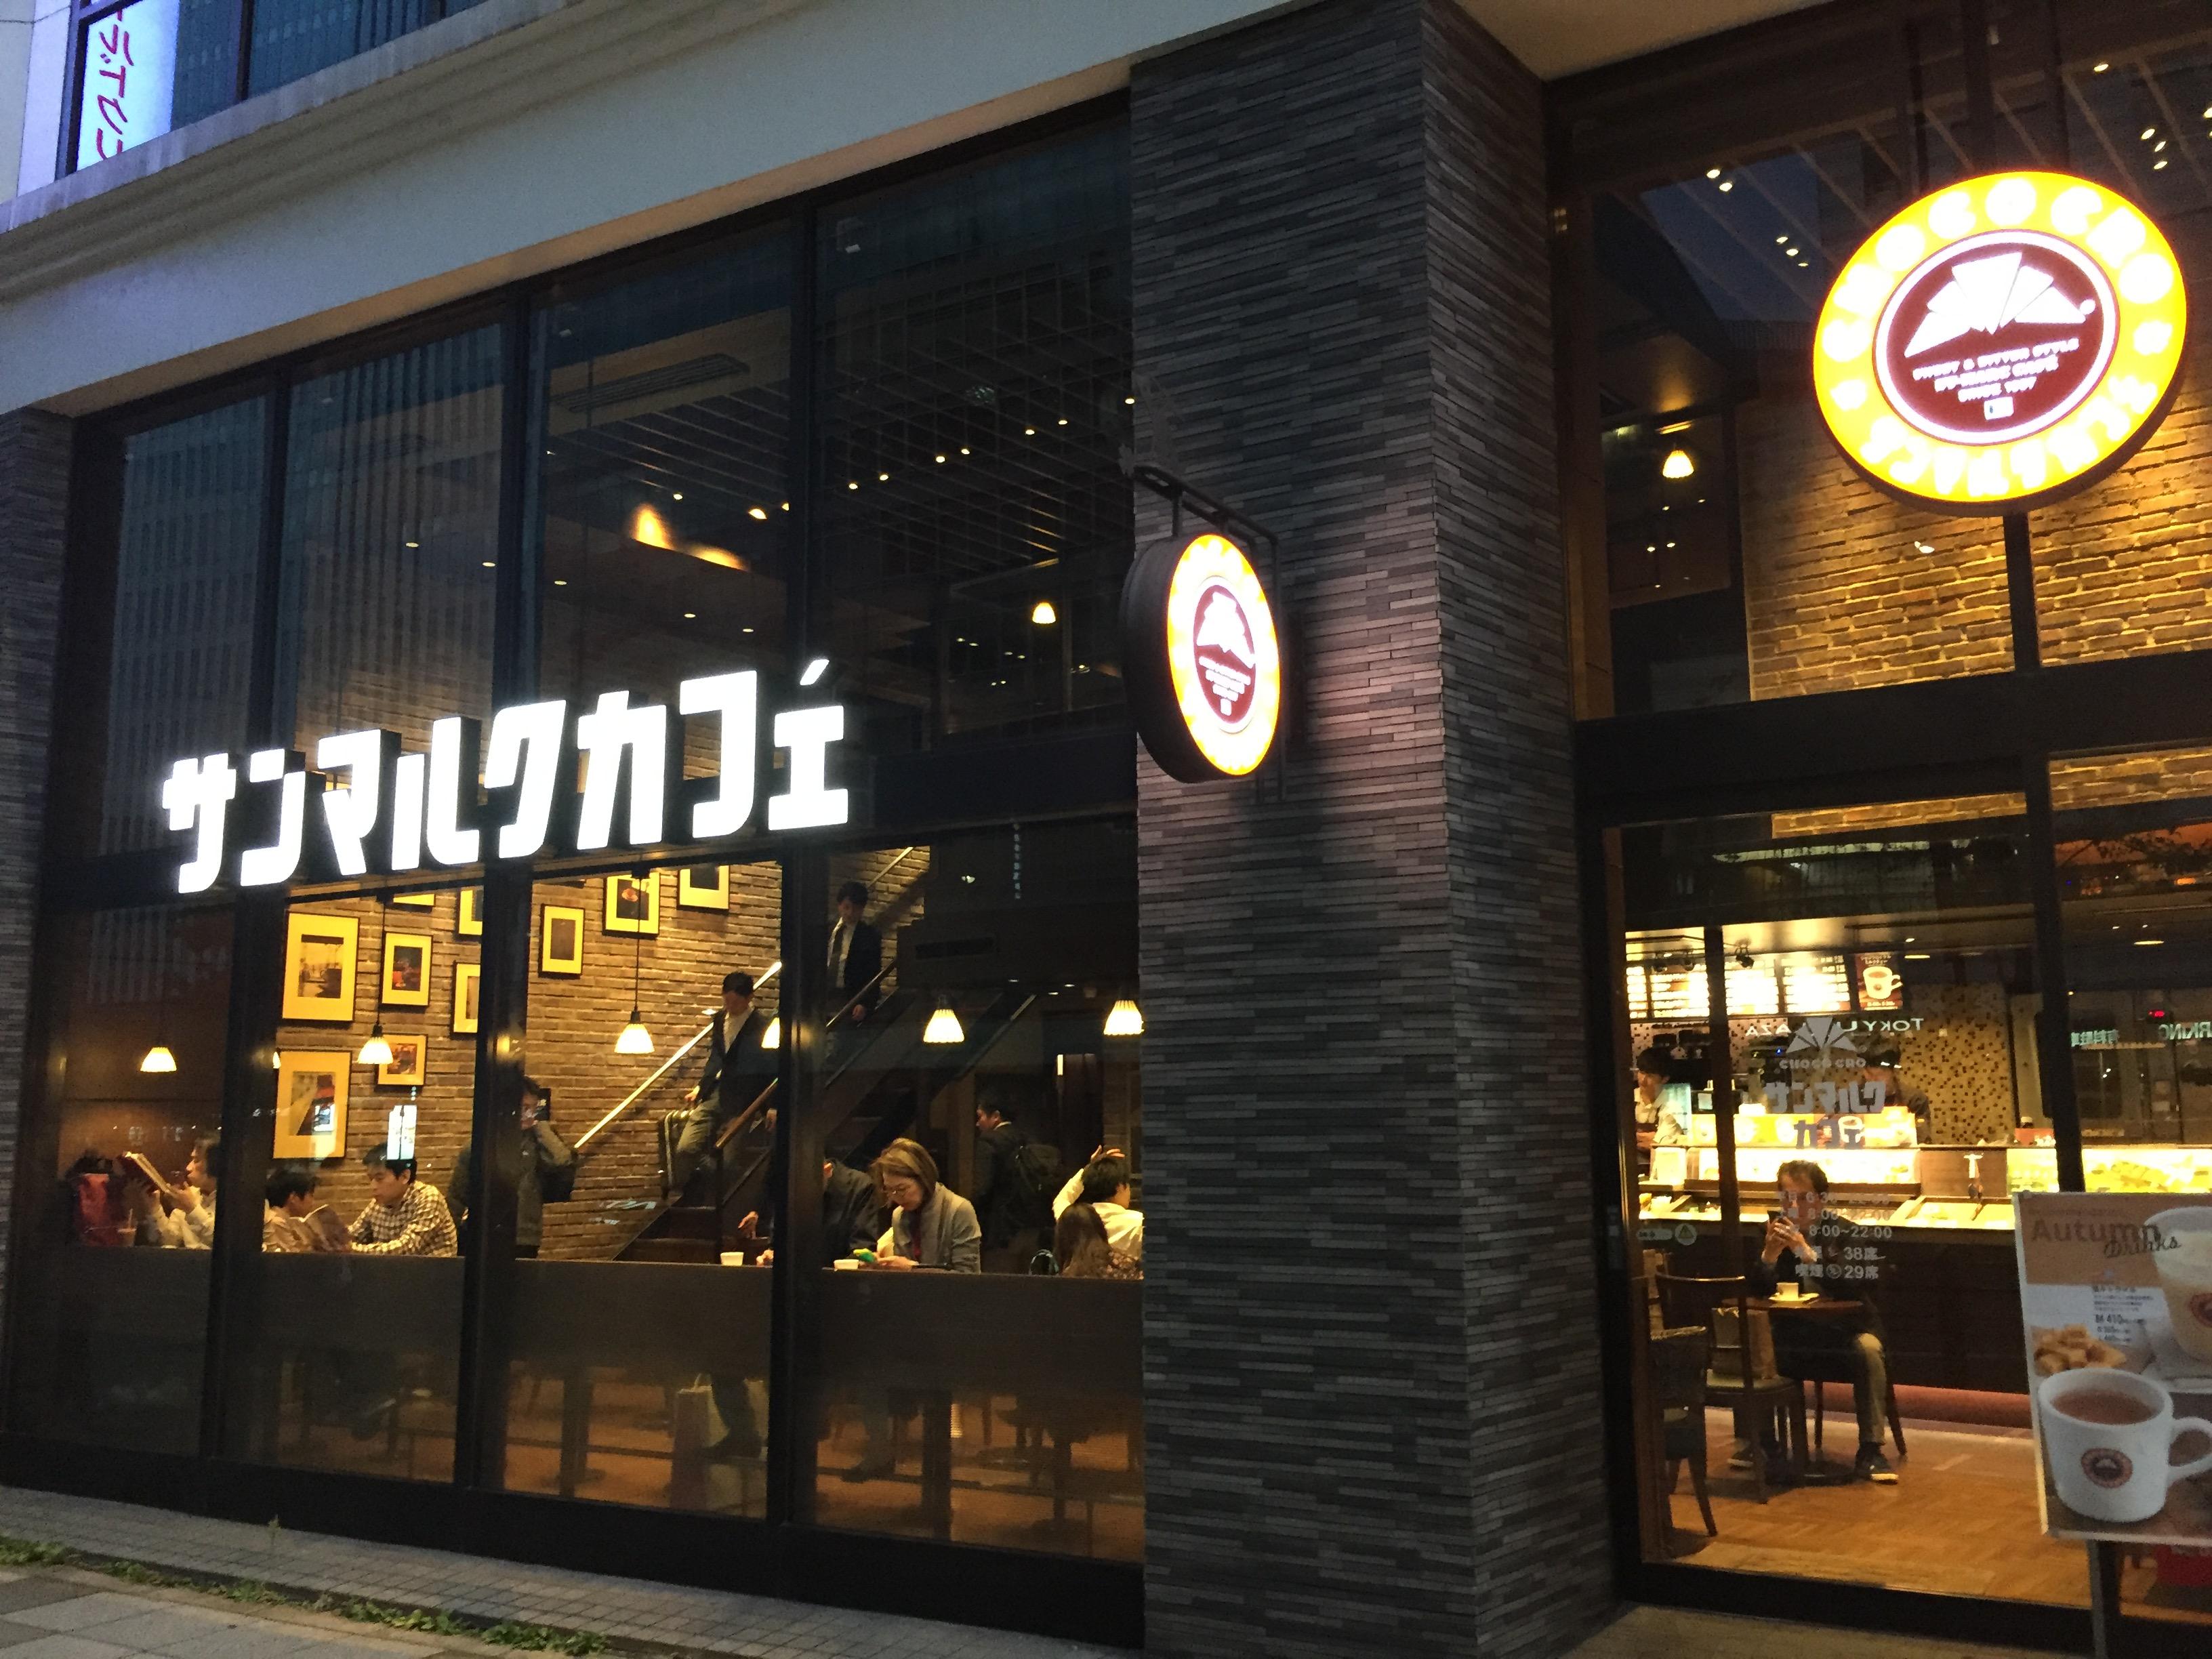 赤坂見附駅 電源カフェ サンマルクカフェ 赤坂外堀通り店